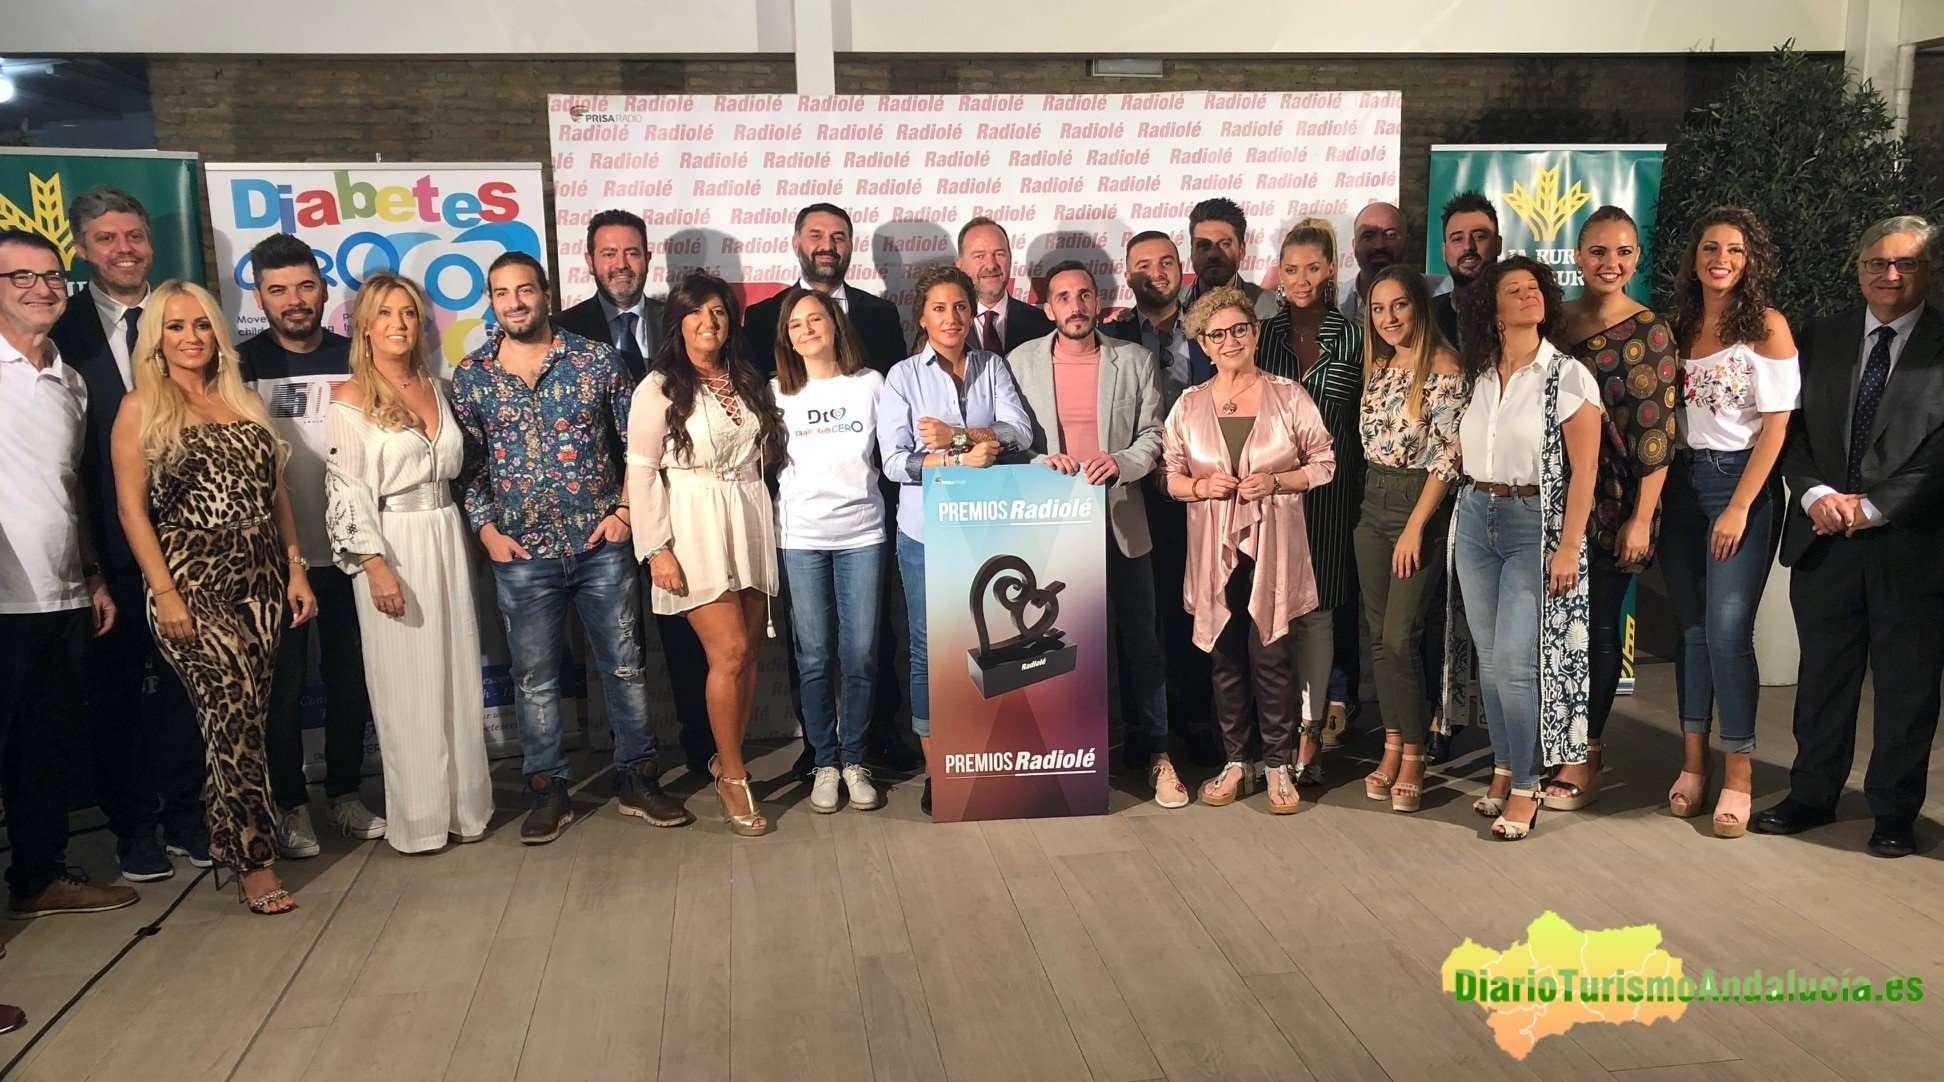 Francisco Javier Fernández ha dado a conocer estos datos en la presentación de la gala de los Premios Radiolé, que tendrá lugar en Sevilla el 19 de octubre.